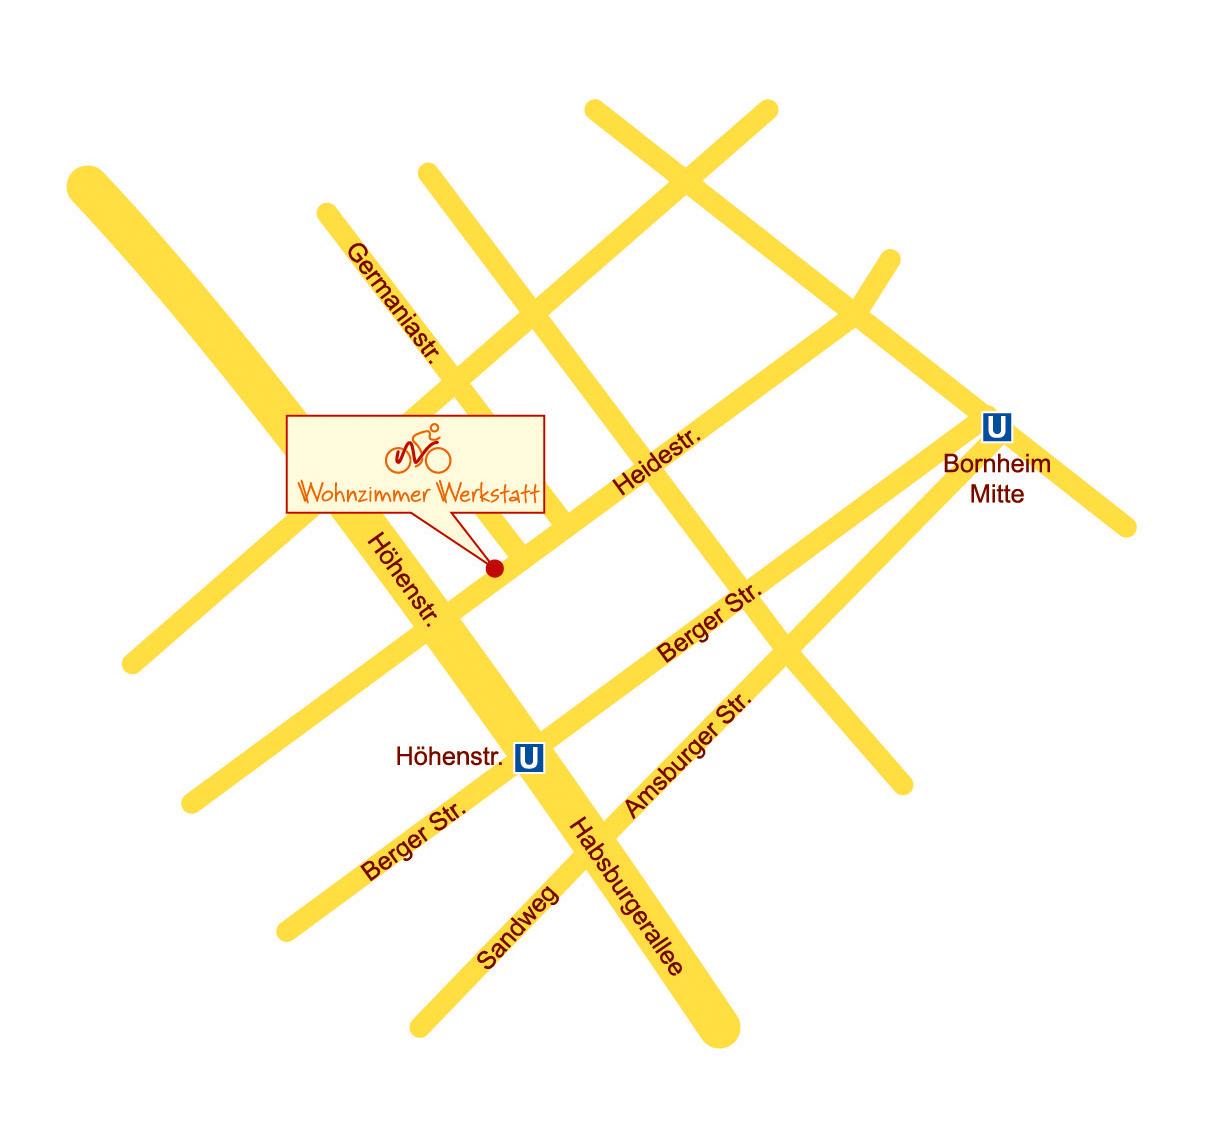 Wegeplan Willkommen Werkstatt Wohnzimmer